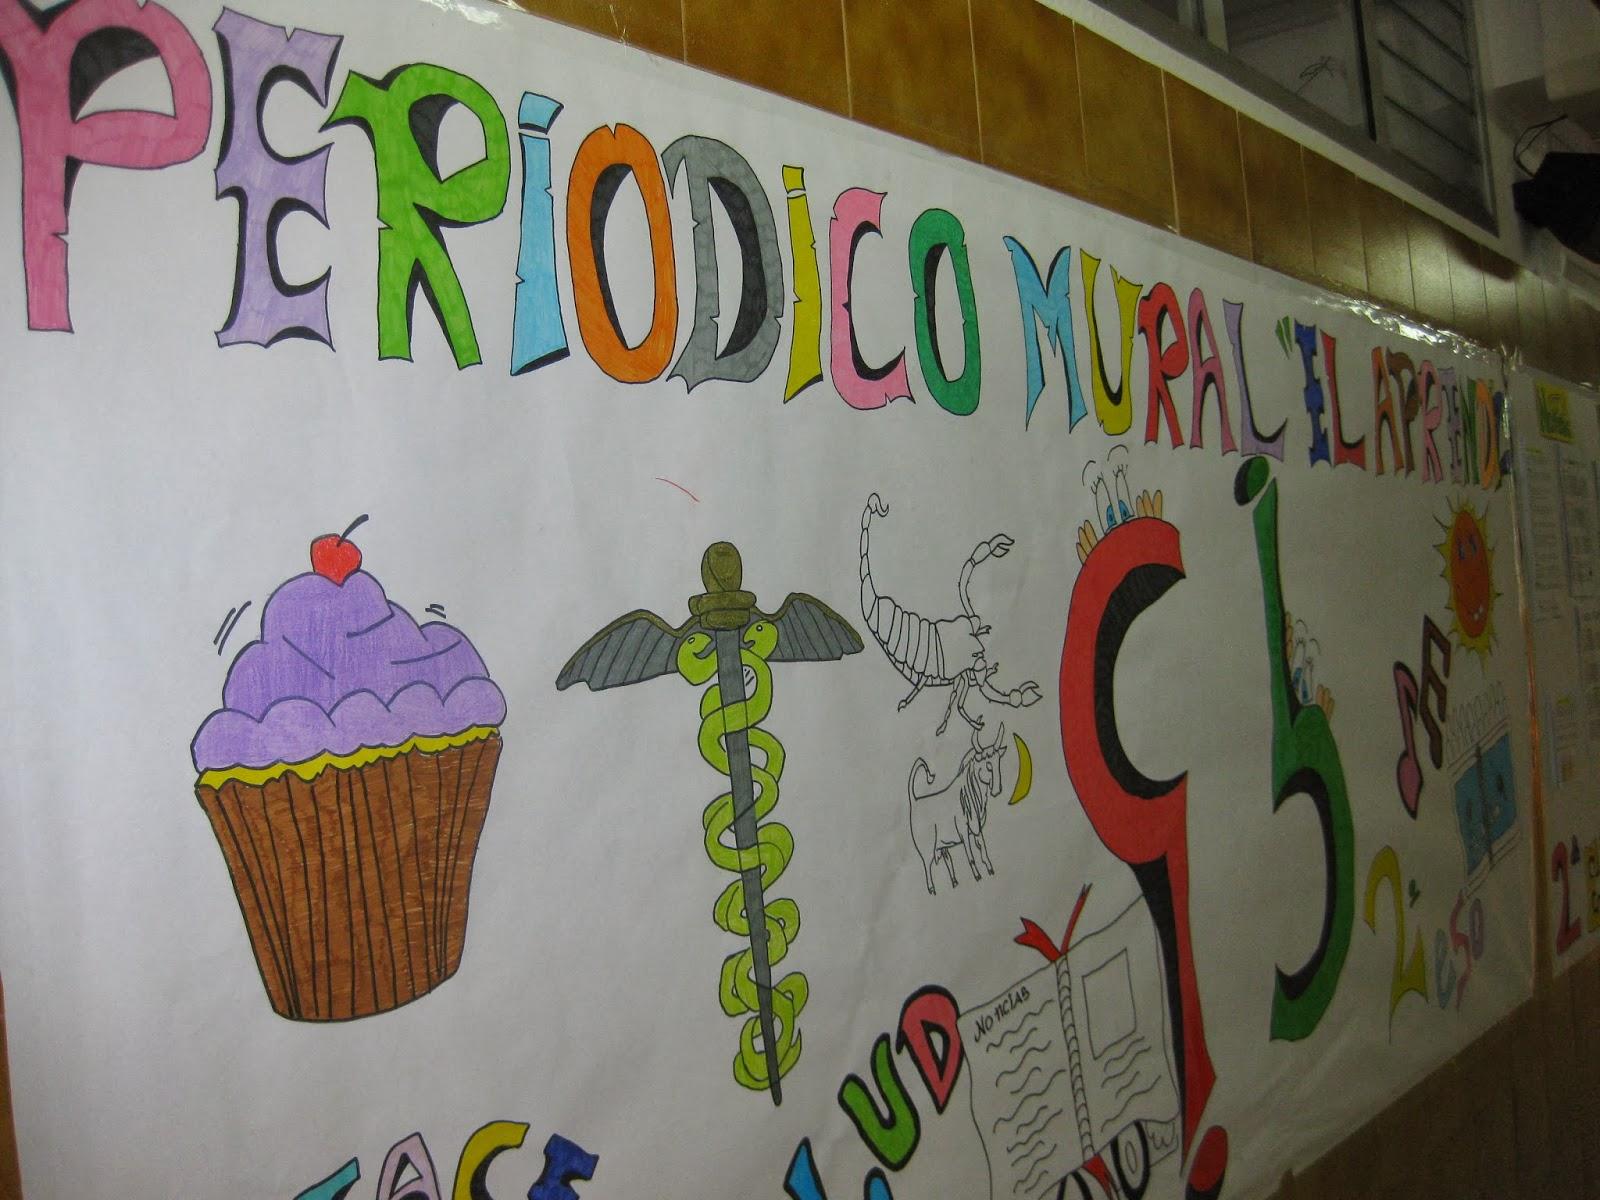 Biblioteca peri dico mural el aprendiz for El periodico mural